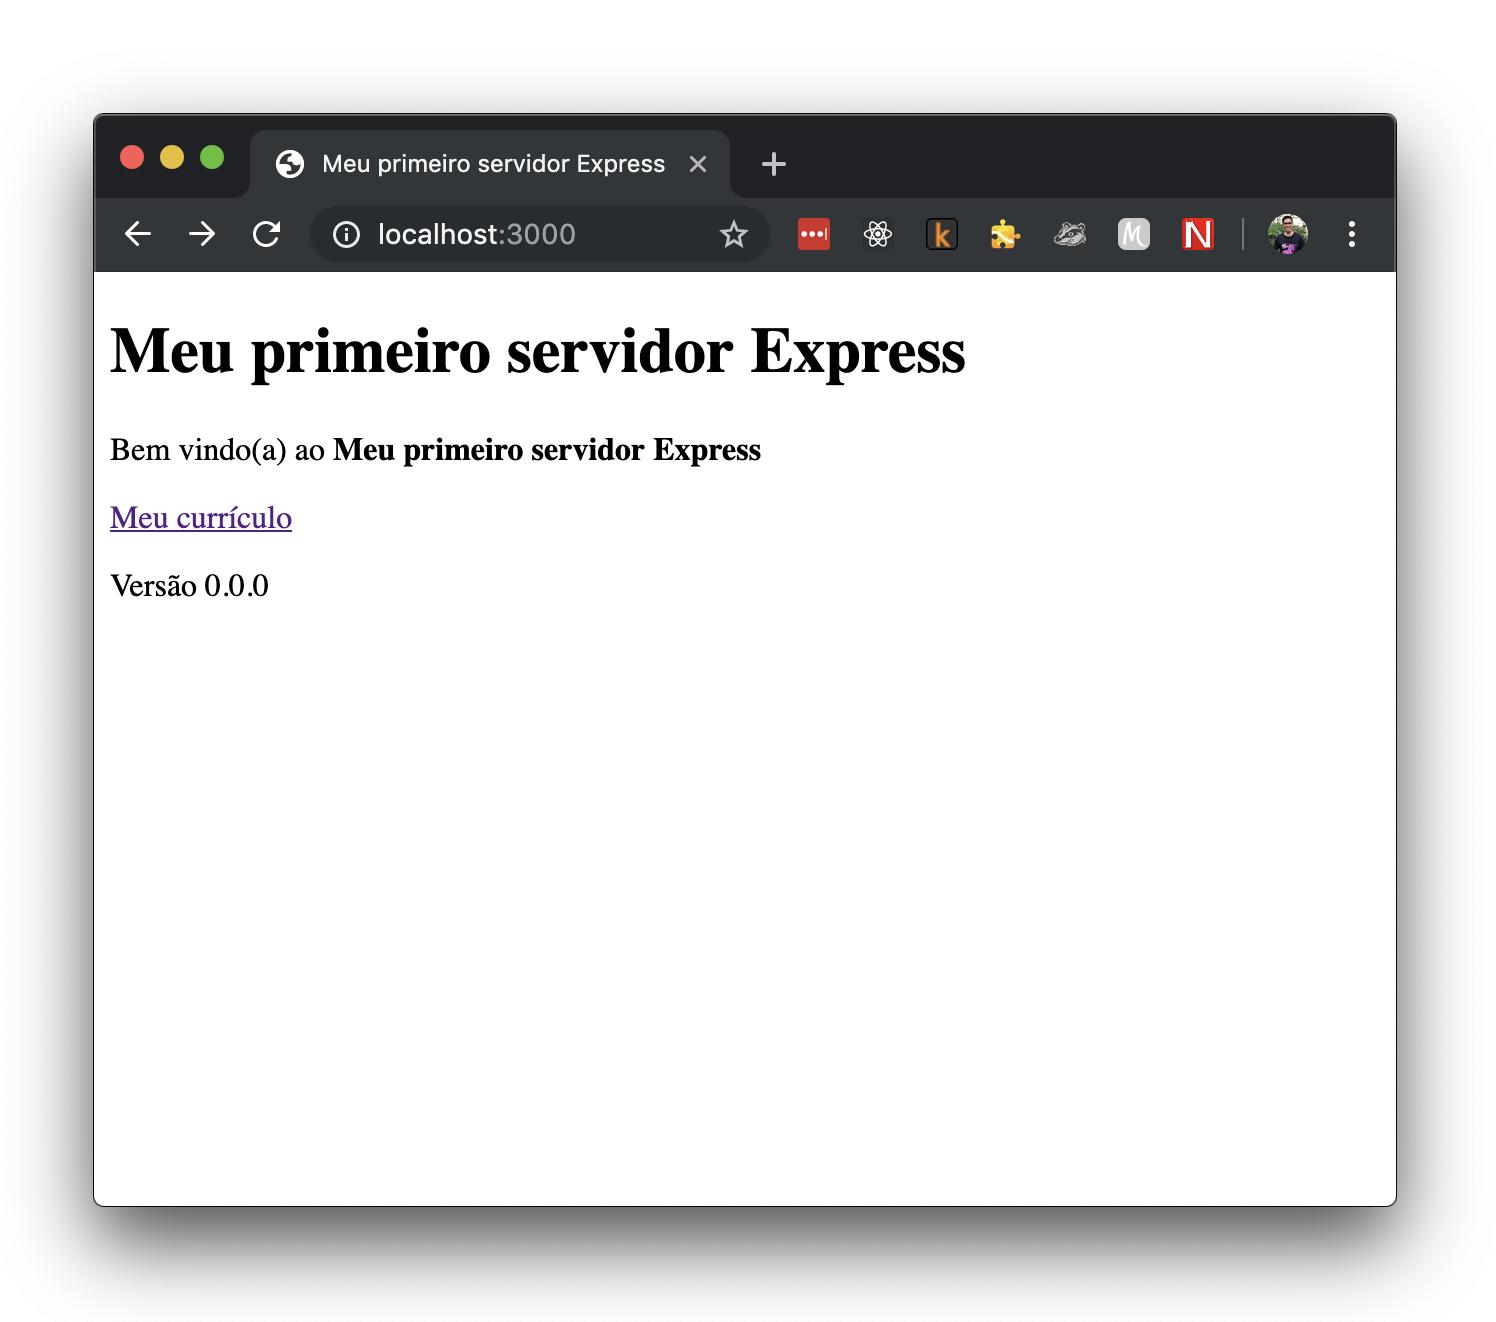 Imagem do navegador com o conteúdo retornado pelo nosso servidor